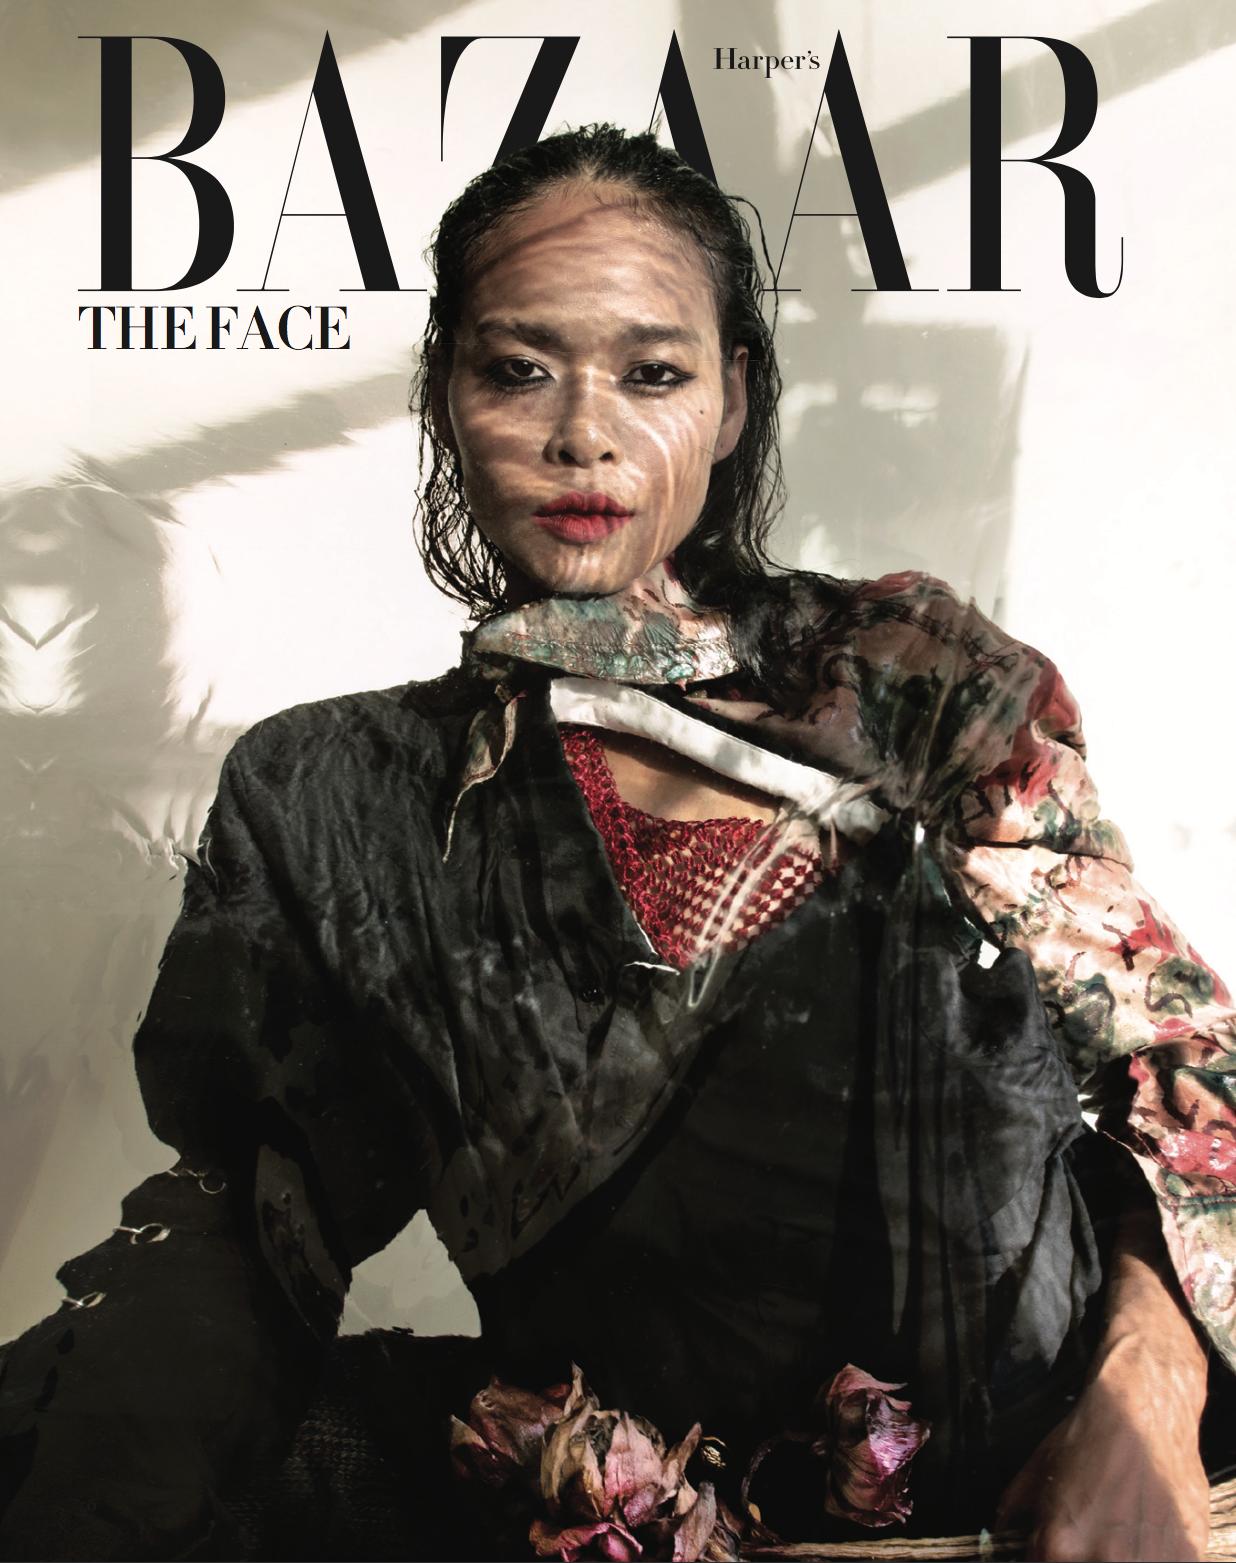 Harper's Bazaar (VietNam), May 2017